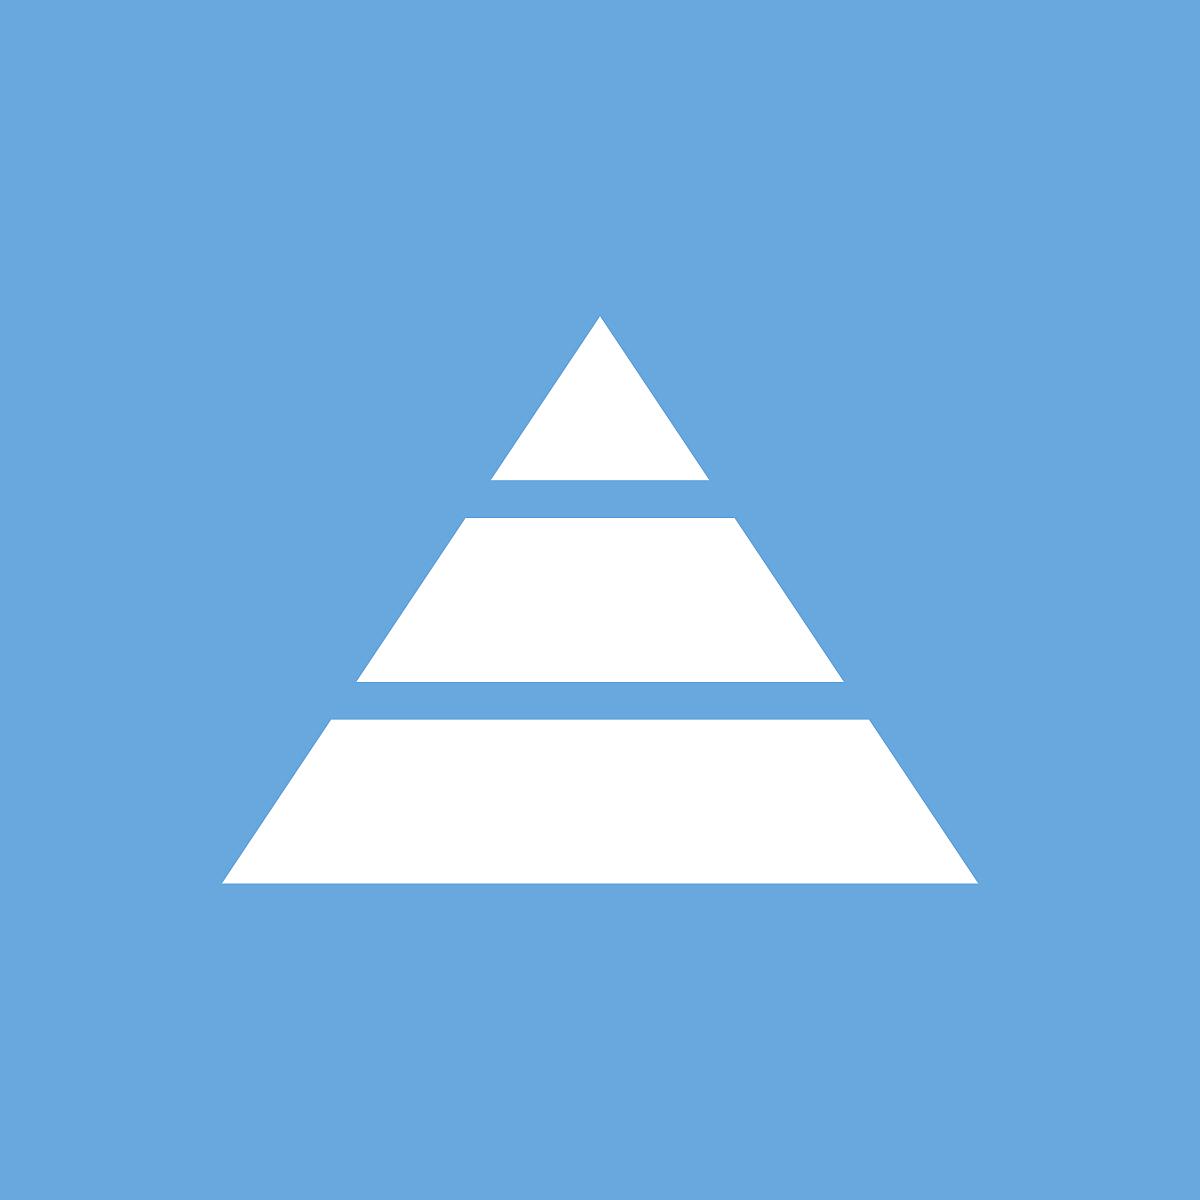 策略,数码图形,图标,2015年,绘画插图,按钮,图表,三角形,符号,正方形图片